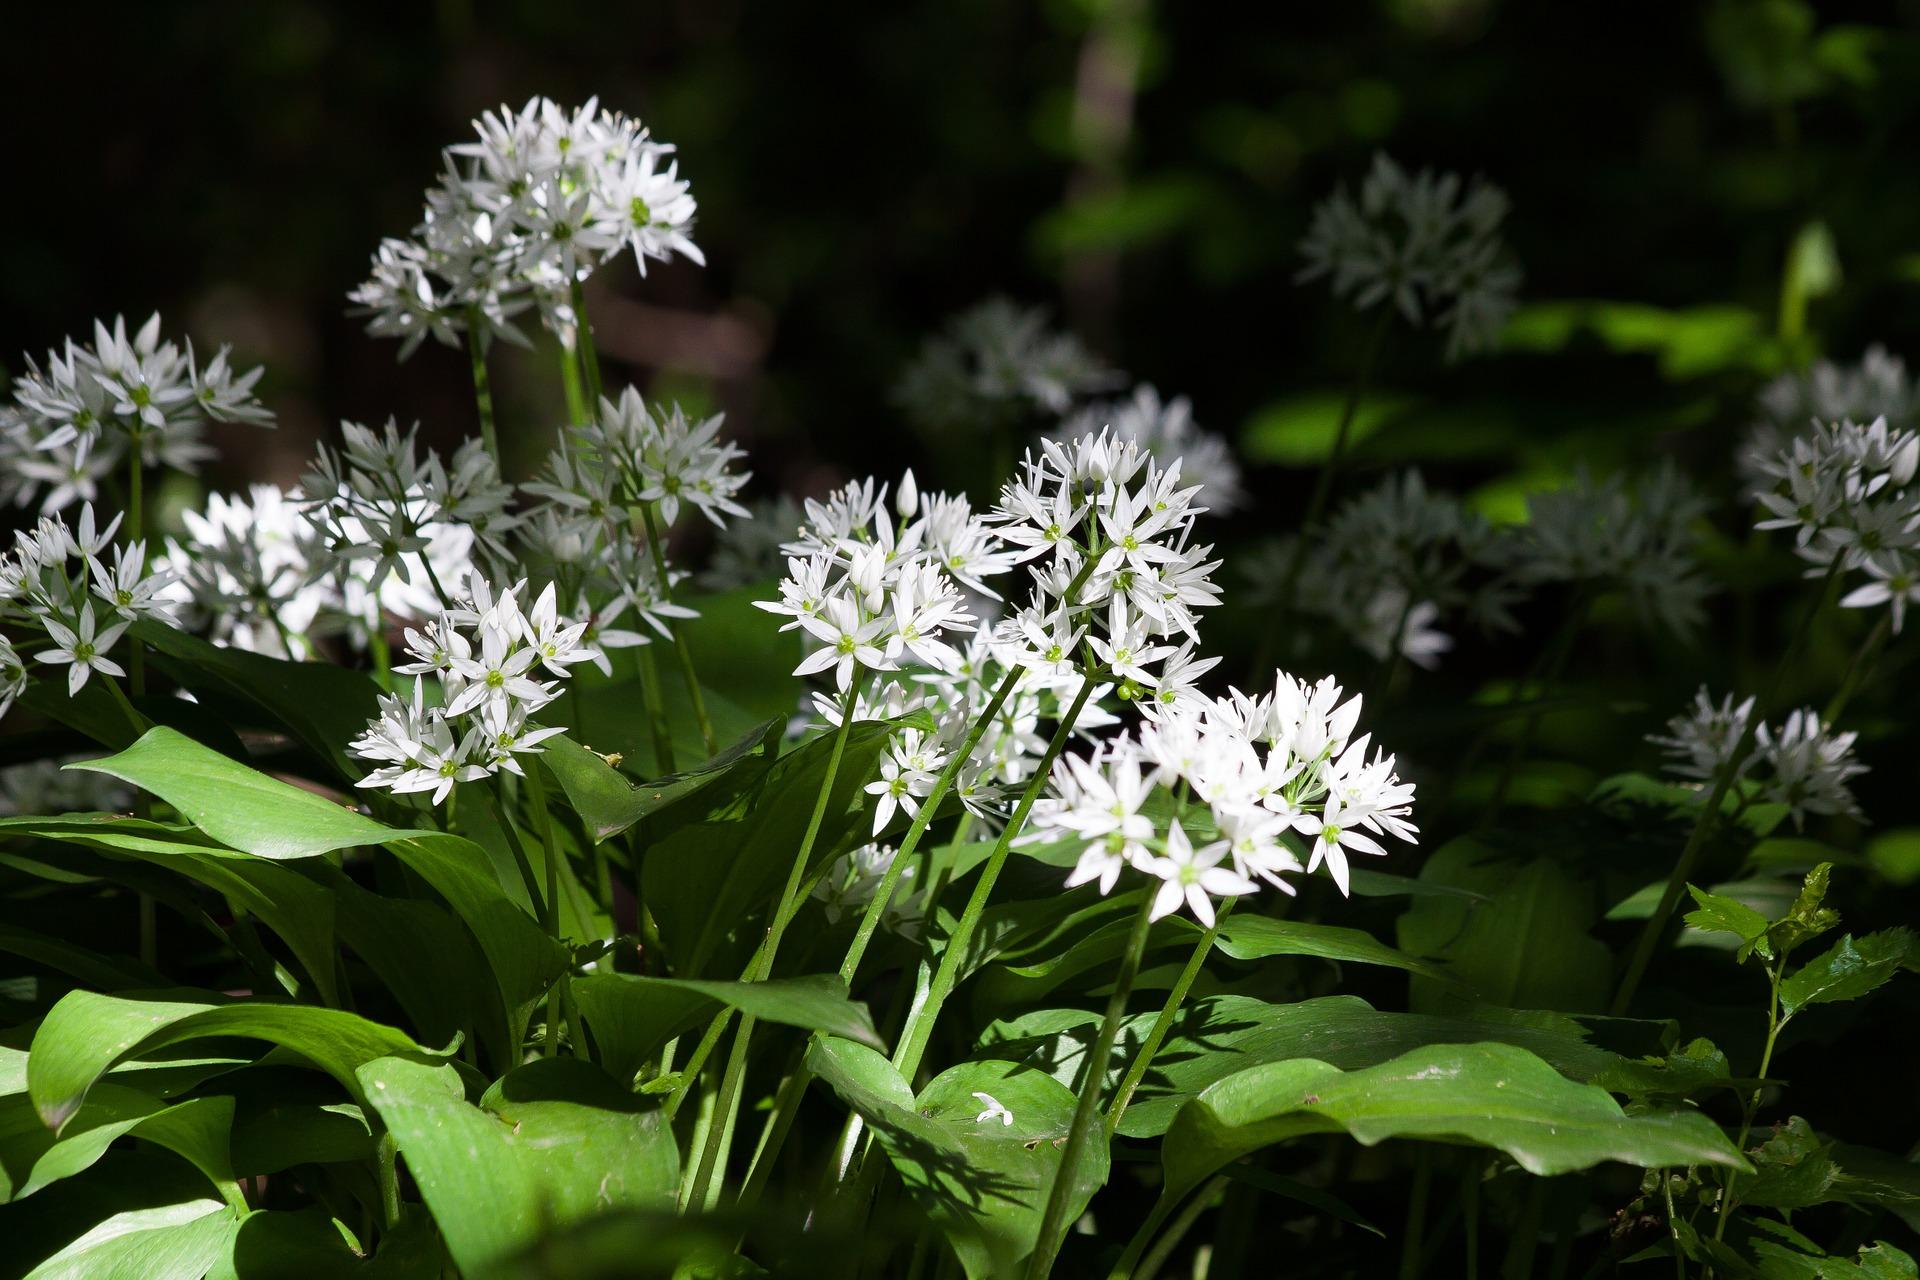 Des plantes sauvages comestibles au printemps !